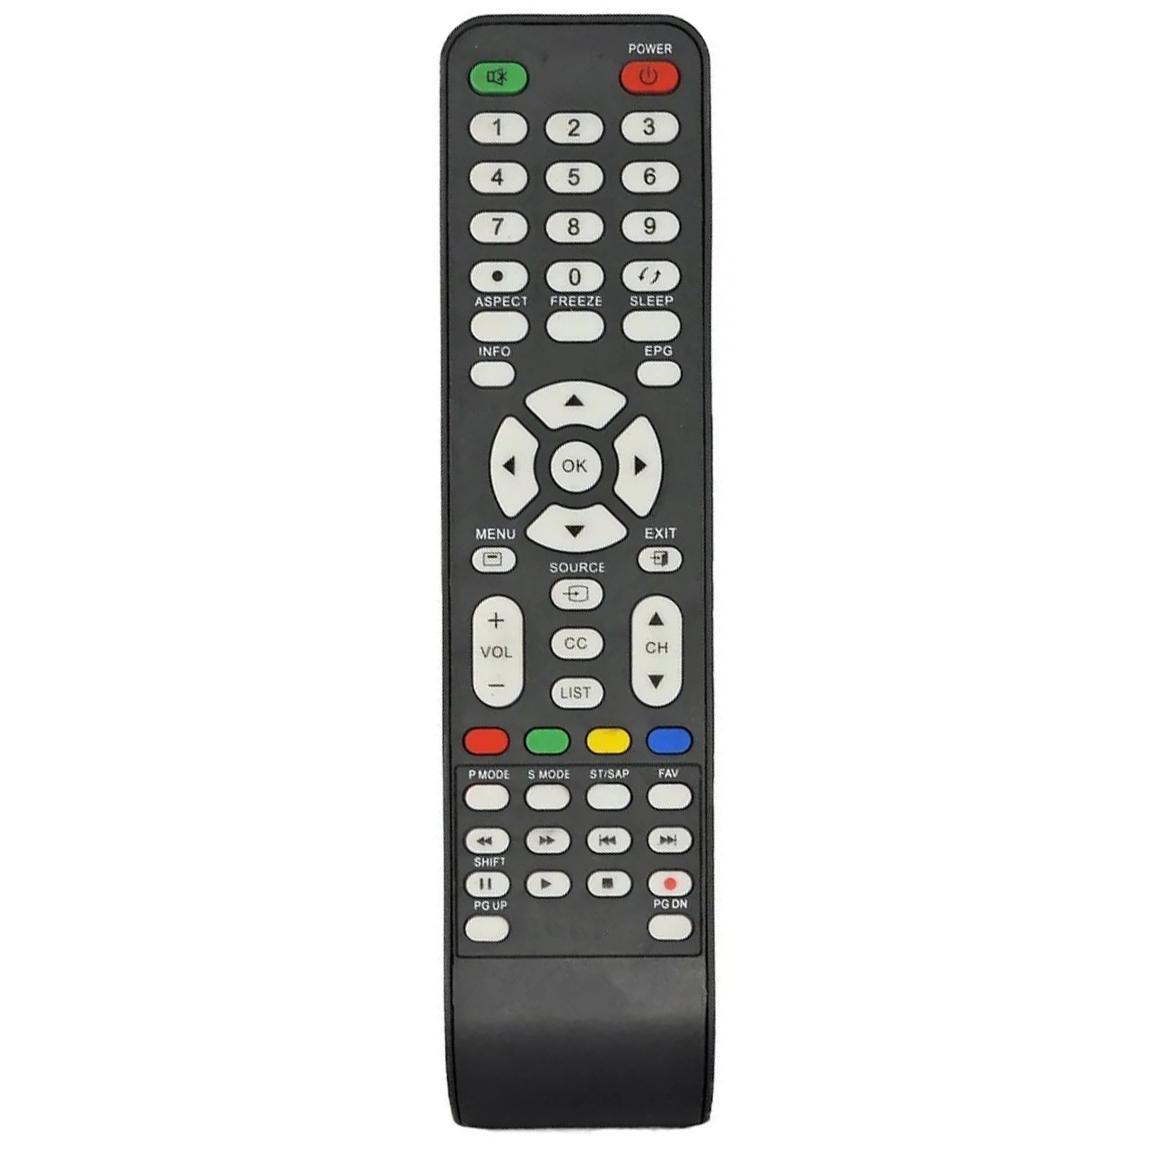 CONTROLE REMOTO PARA TV LCD CCE RC-512 RC-517 L322 LK42 Compatível